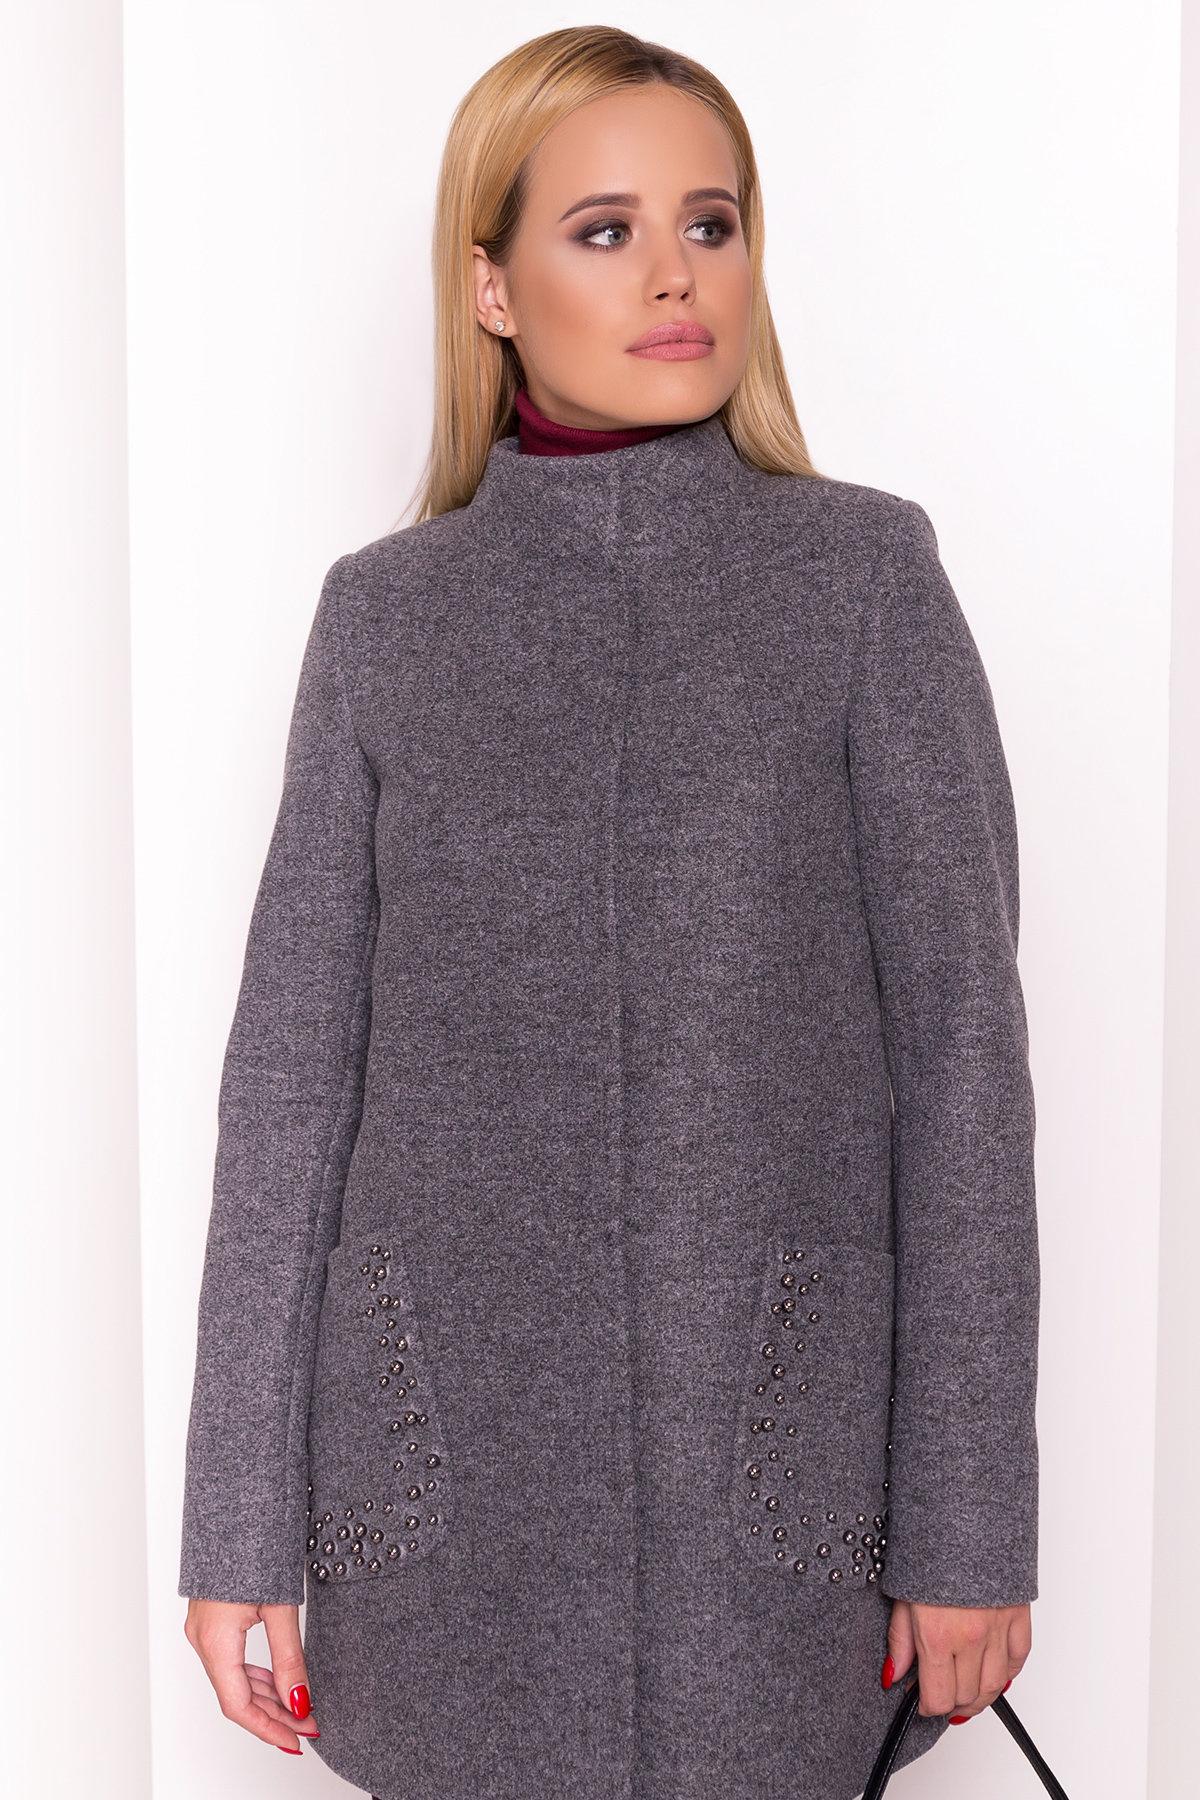 Пальто Даймон 5377 АРТ. 36741 Цвет: Серый Темный - фото 3, интернет магазин tm-modus.ru